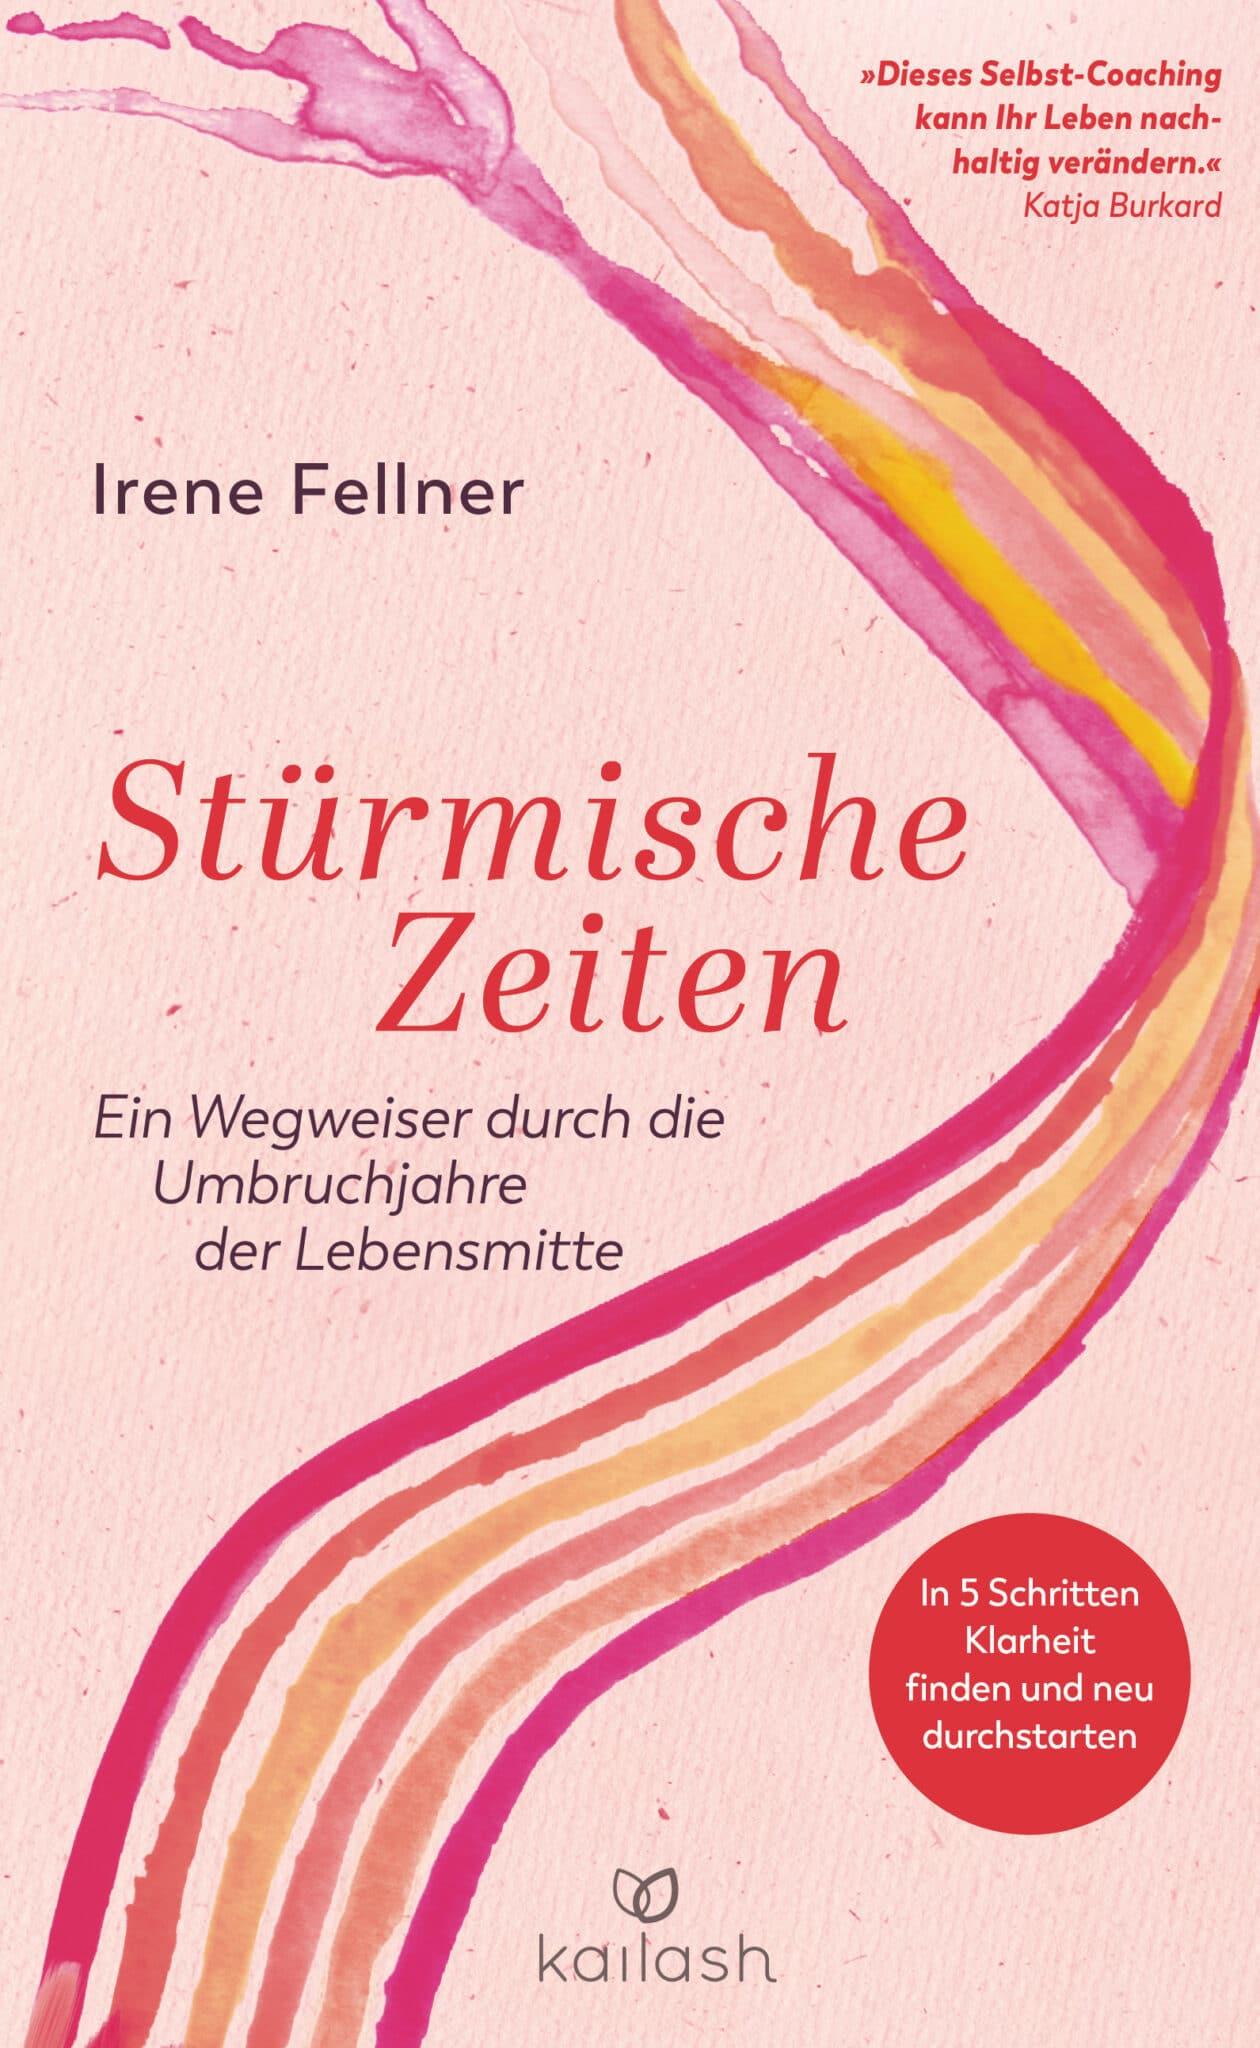 Stürmische Zeiten - Das neue Buch von Irene Fellner